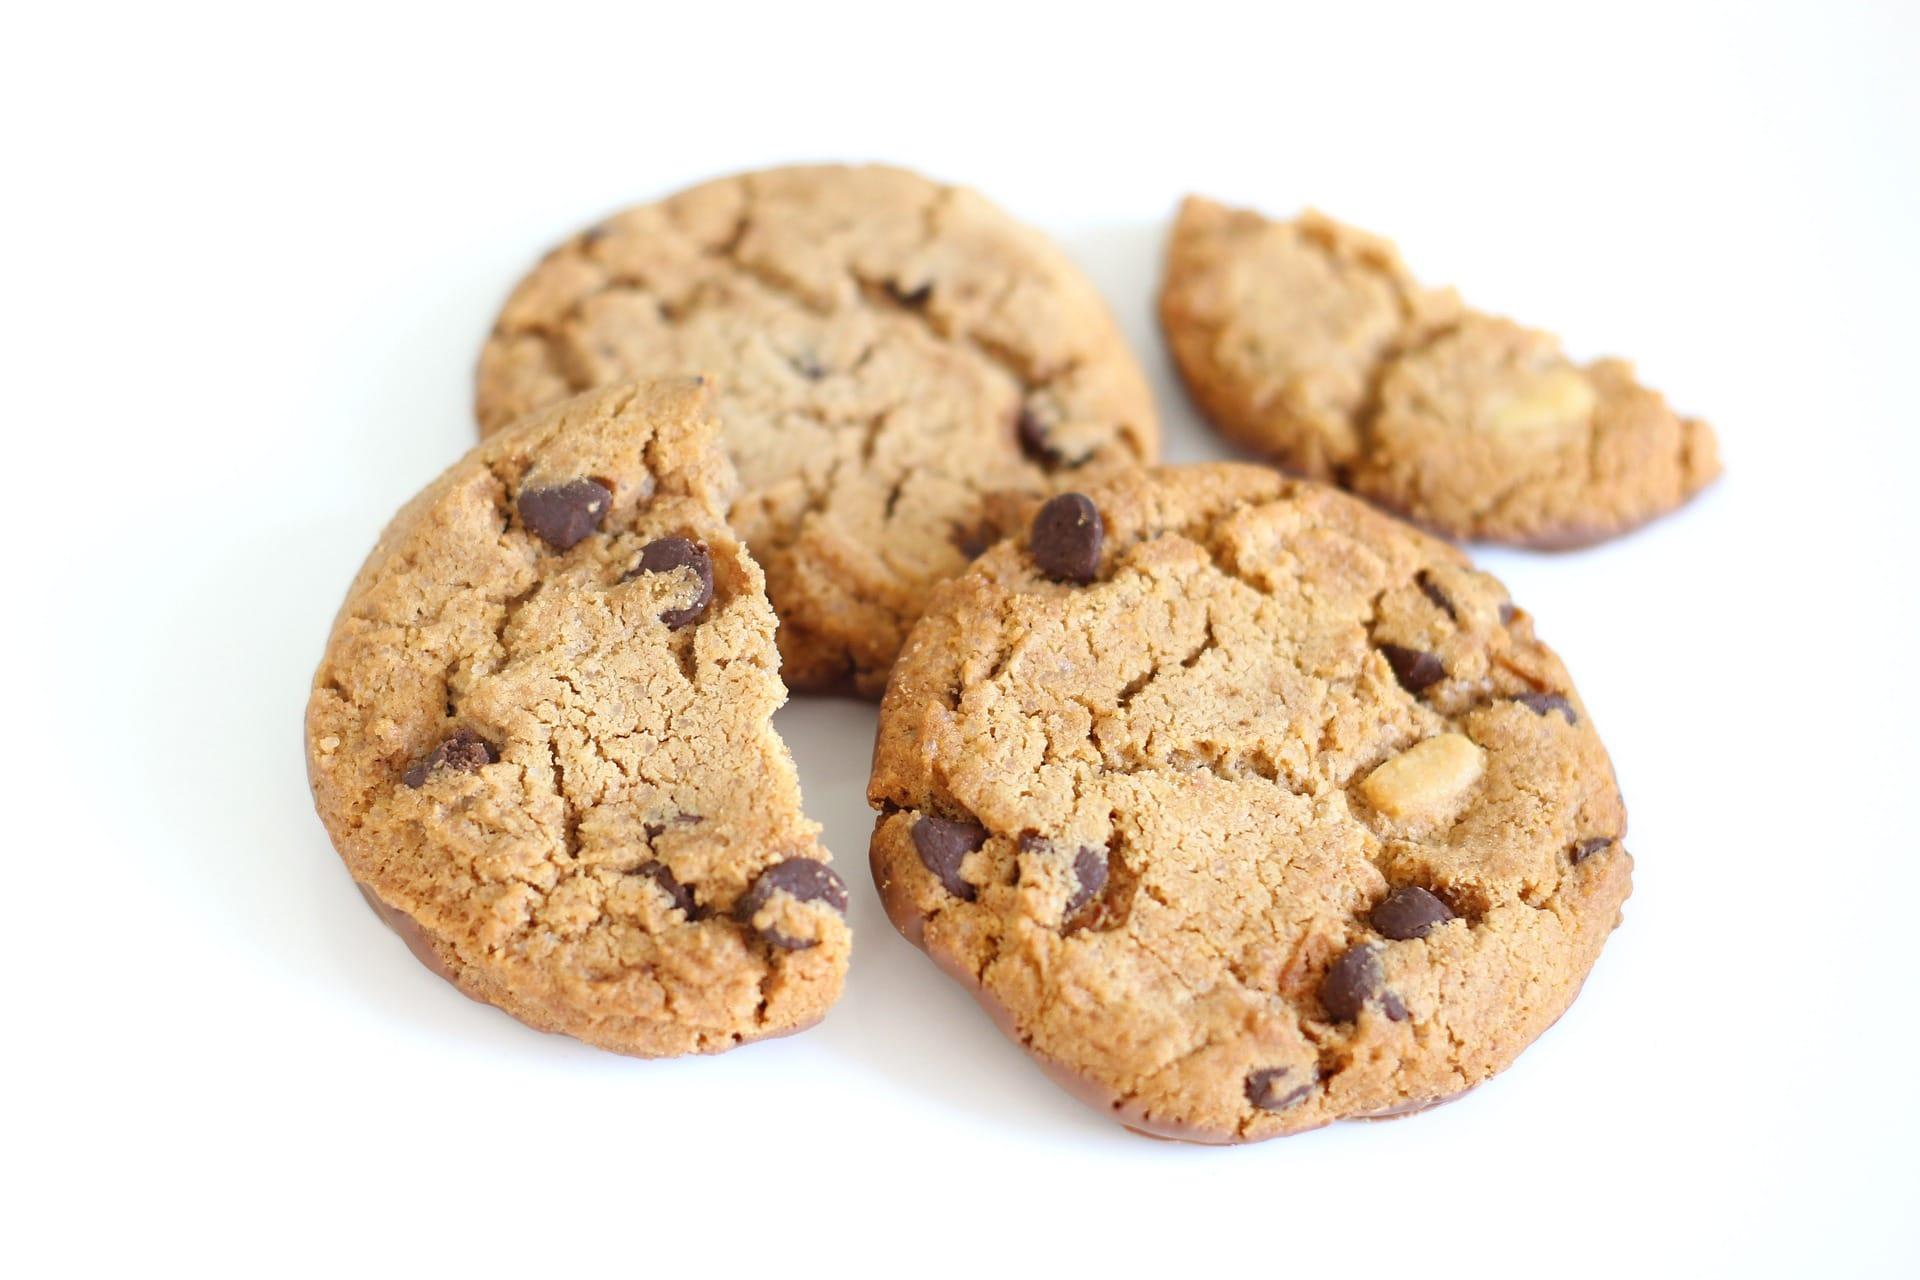 Nieuwsbericht: Het cookiewall-verbod: waarom handhaaft de Autoriteit niet?